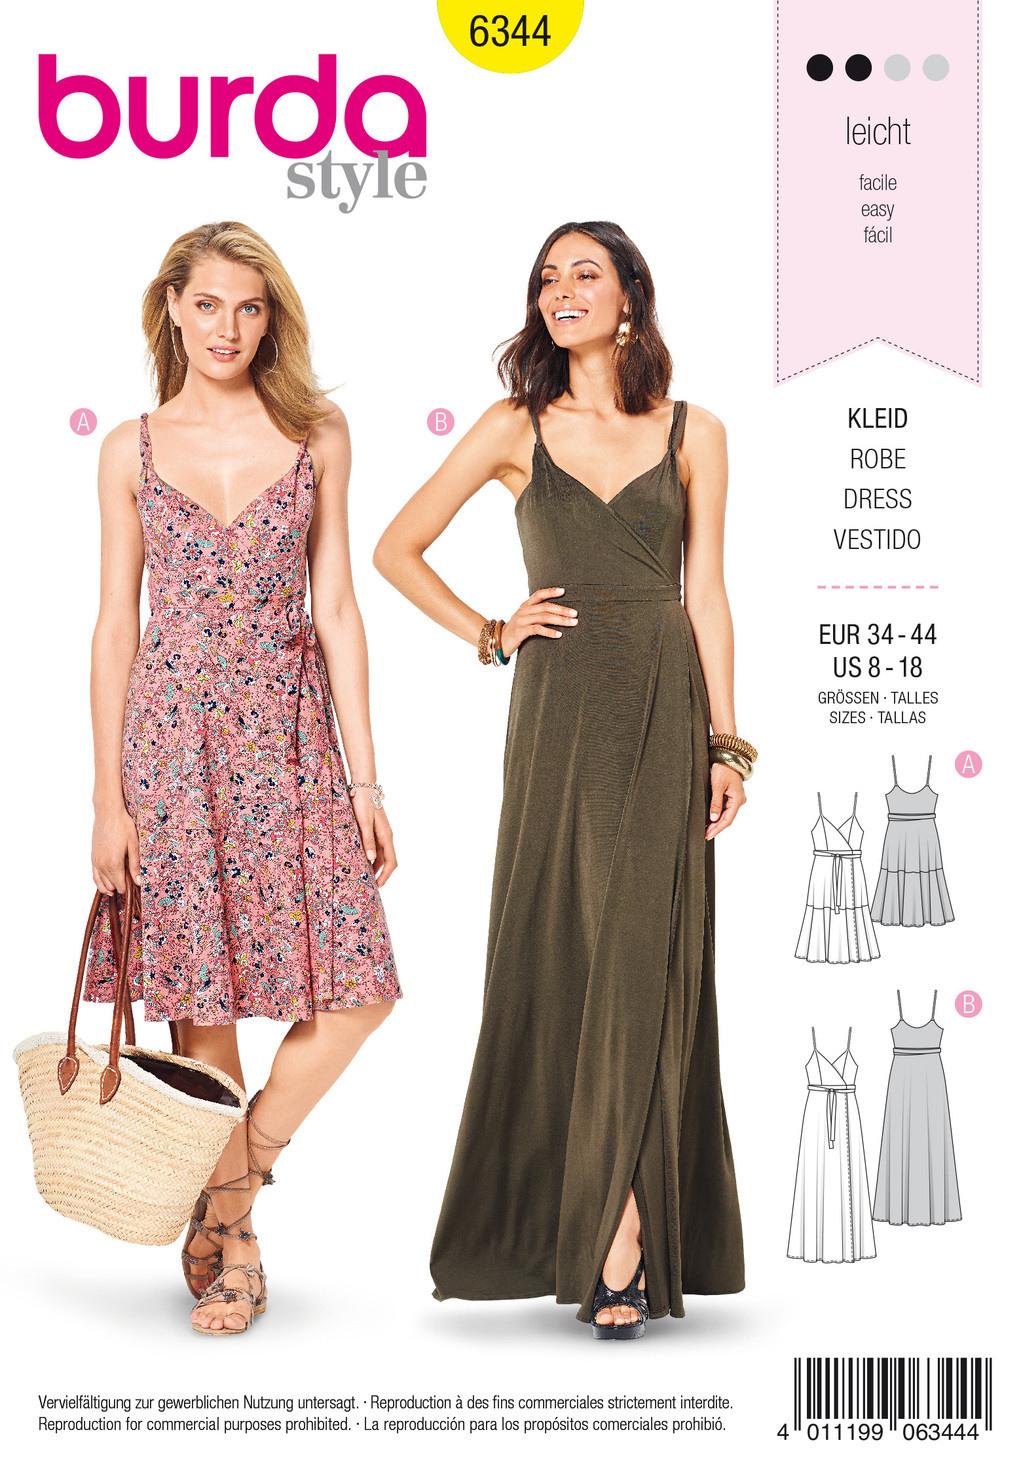 Einzigartig Hängerkleid Damen Boutique17 Perfekt Hängerkleid Damen Boutique